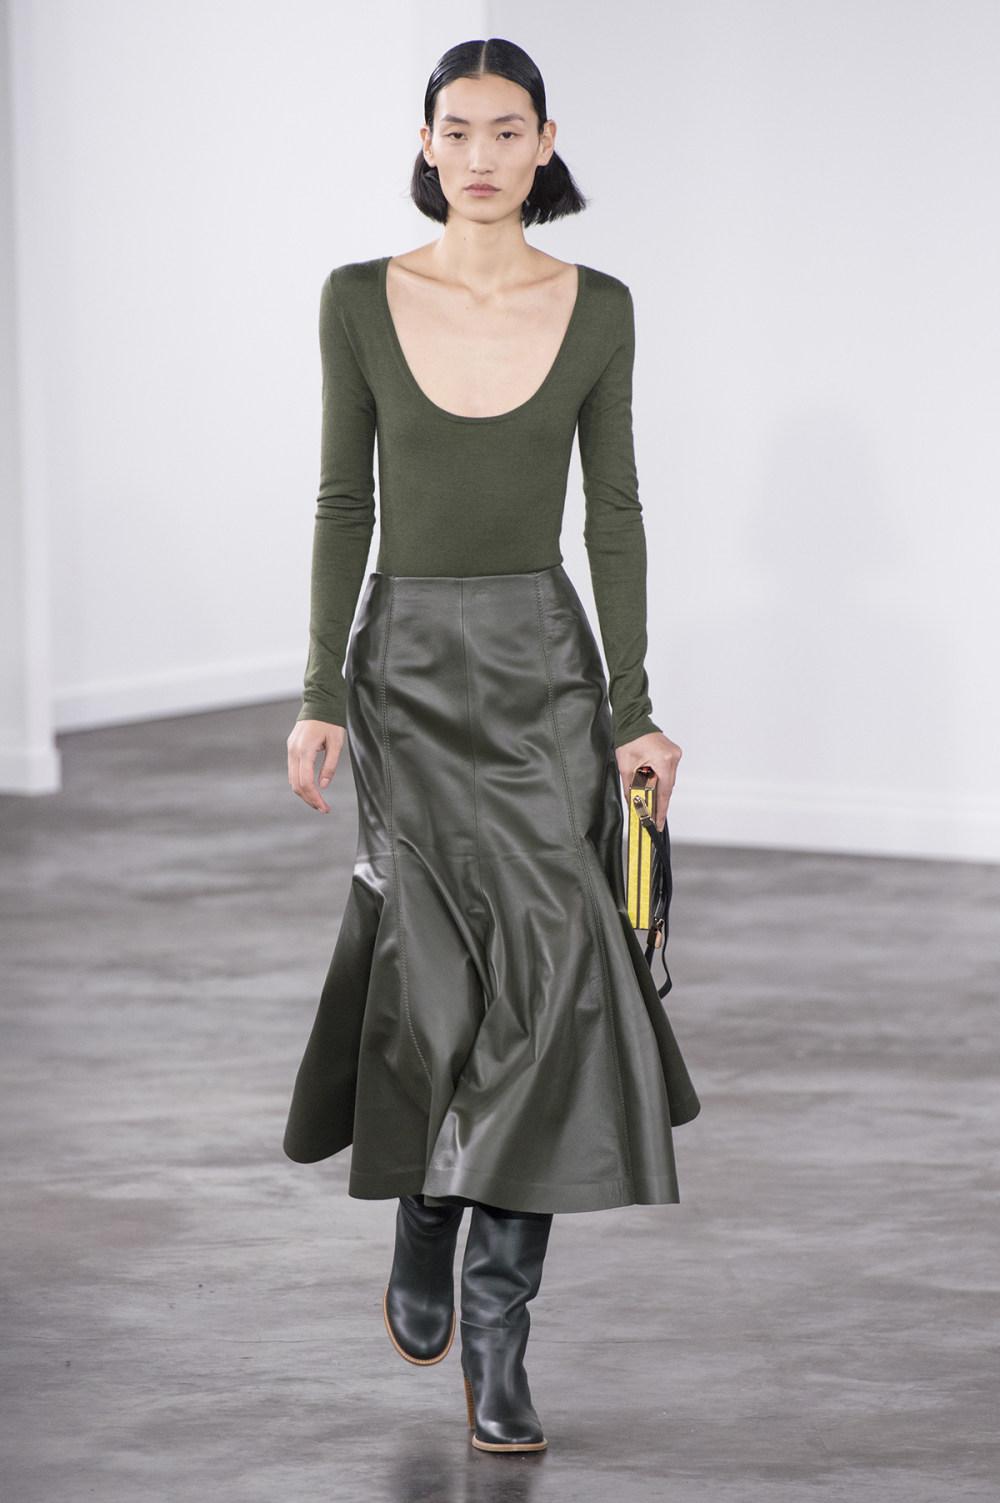 Gabriela Hearst时装系列细条纹西装和宽大毛衣之间形成鲜明对比-5.jpg